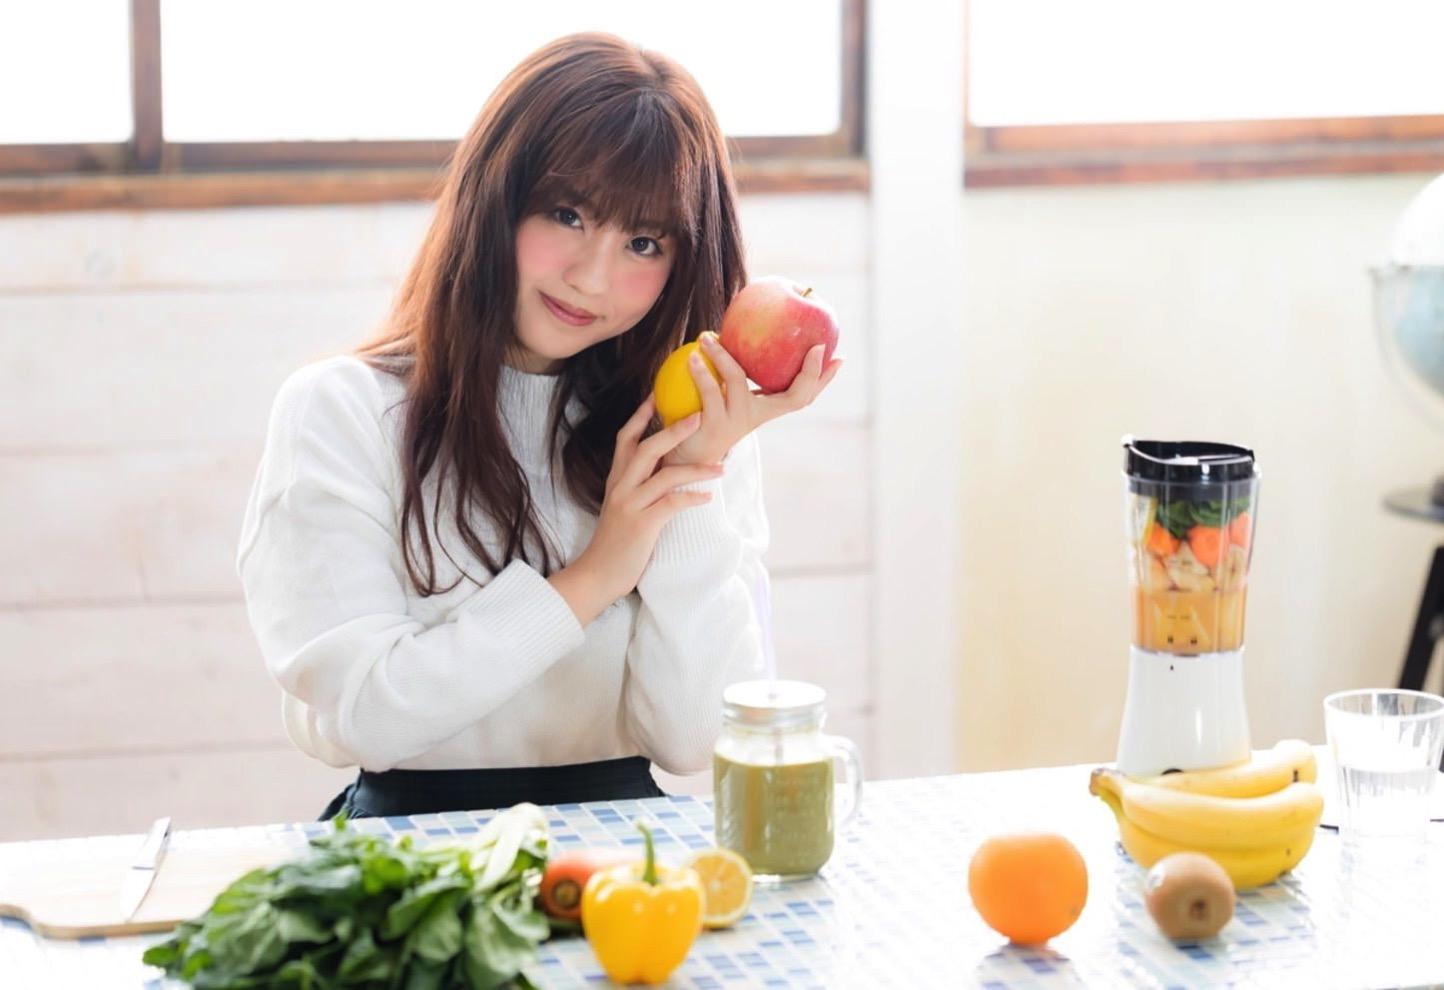 Smoothie Kawamura Yuka Pakutaso 53